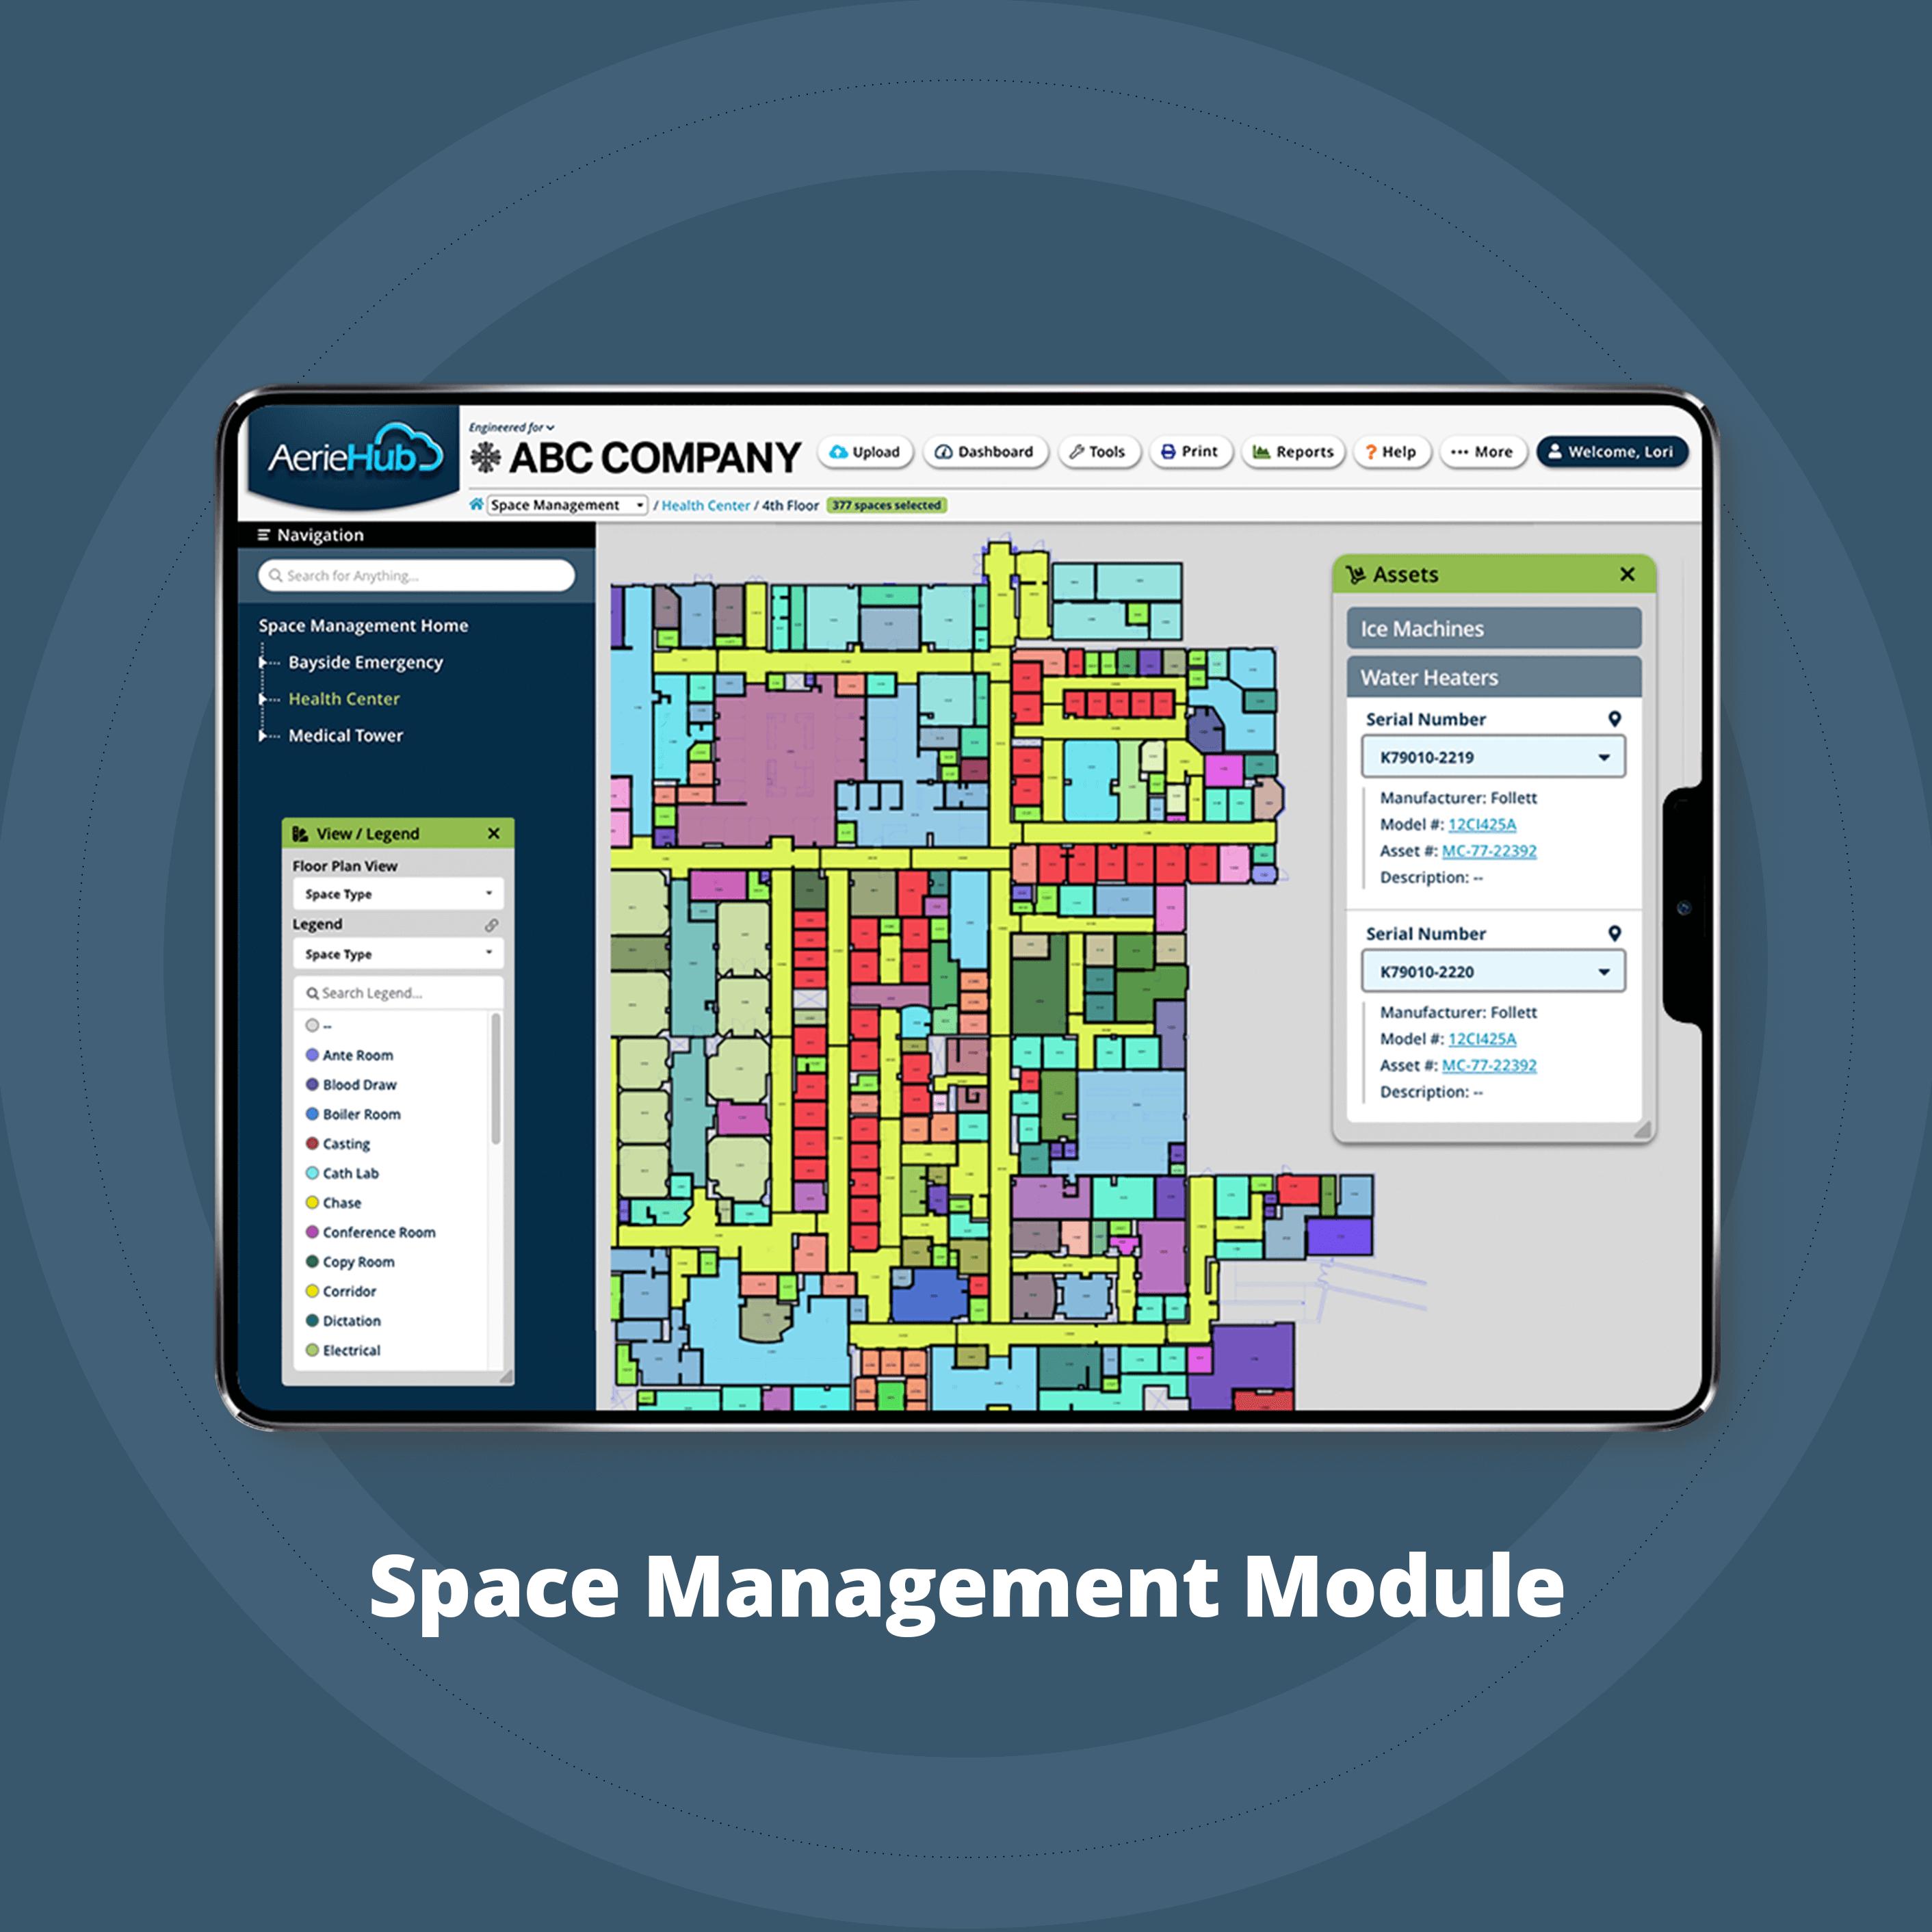 Space Management Module